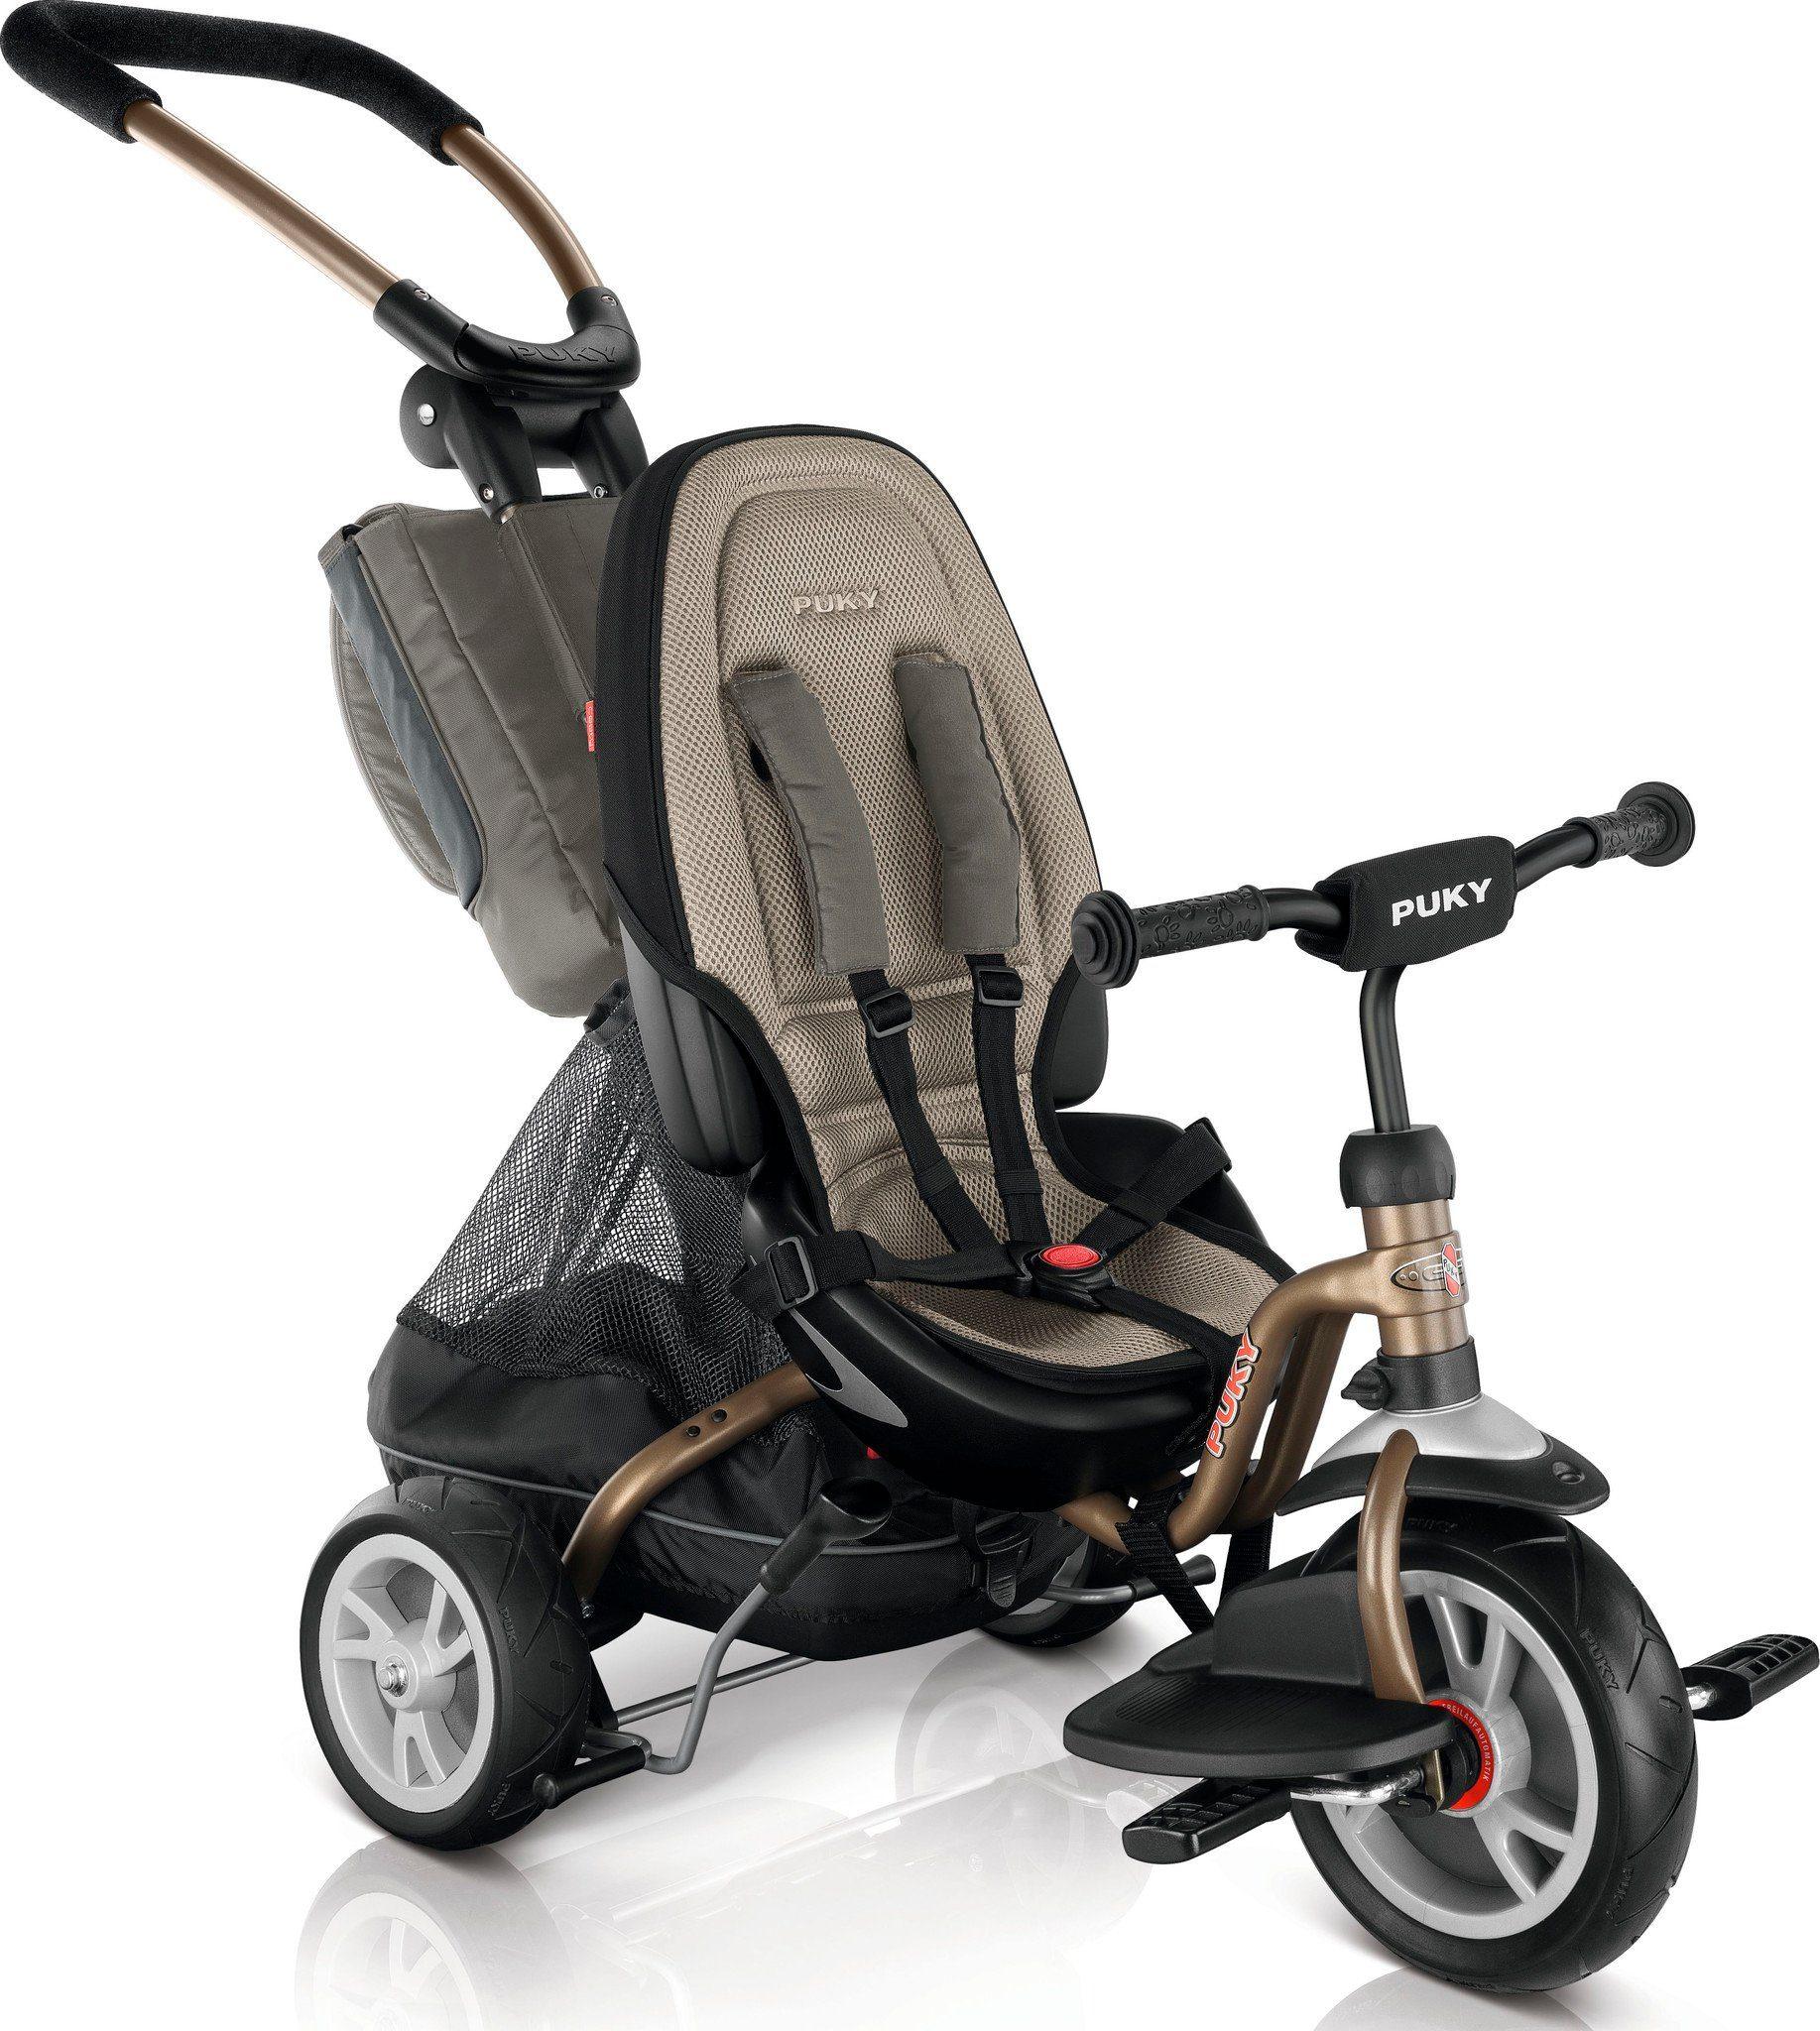 Puky Kinderfahrzeug »CAT S6 Ceety«